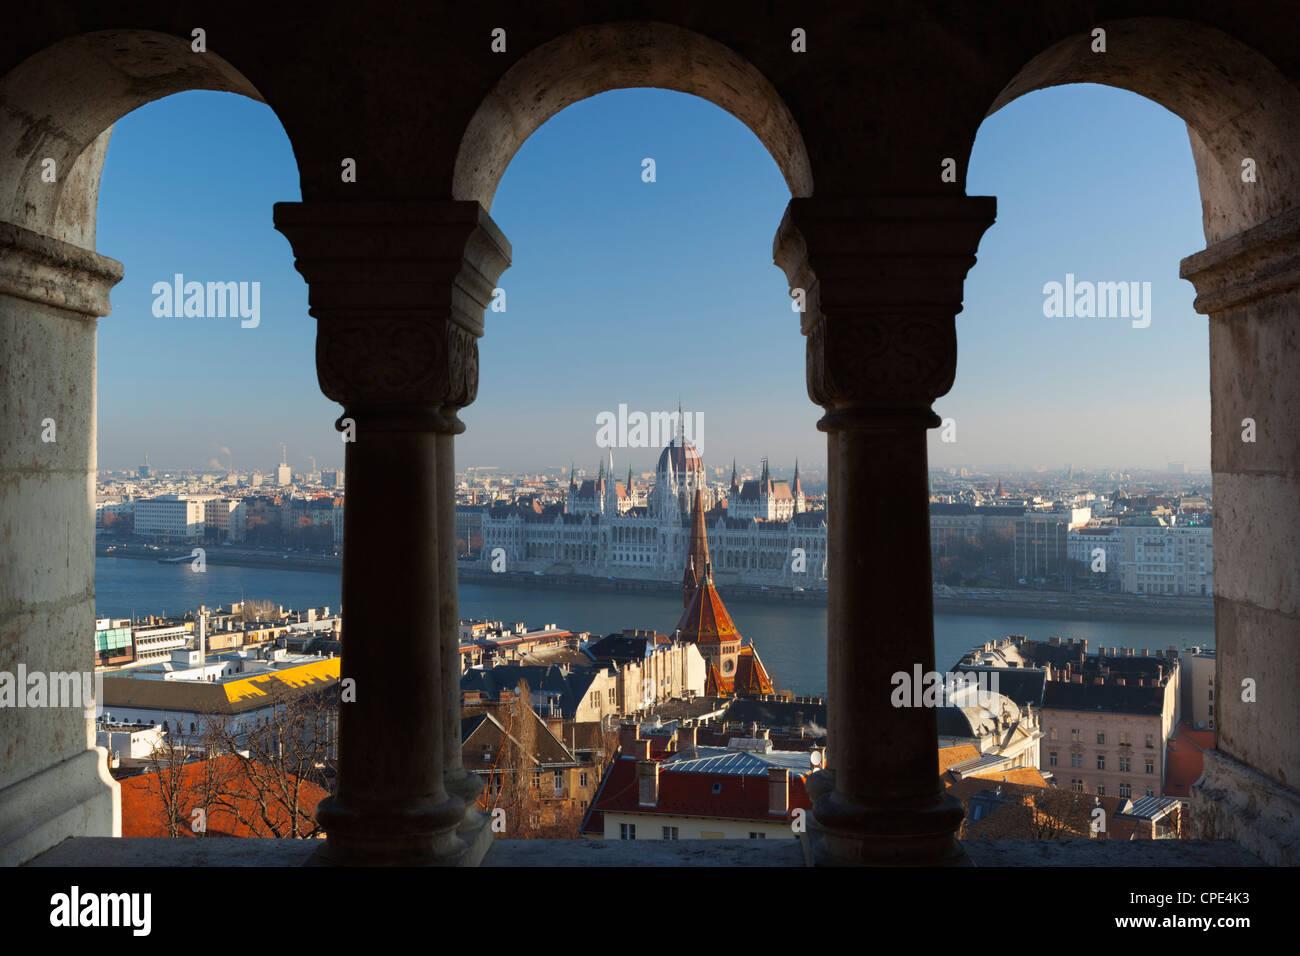 Parlament (Orszaghaz) und Donau durch Bögen der Fischerbastei (Halaszbastya), Buda, Budapest, Ungarn, Europa Stockbild